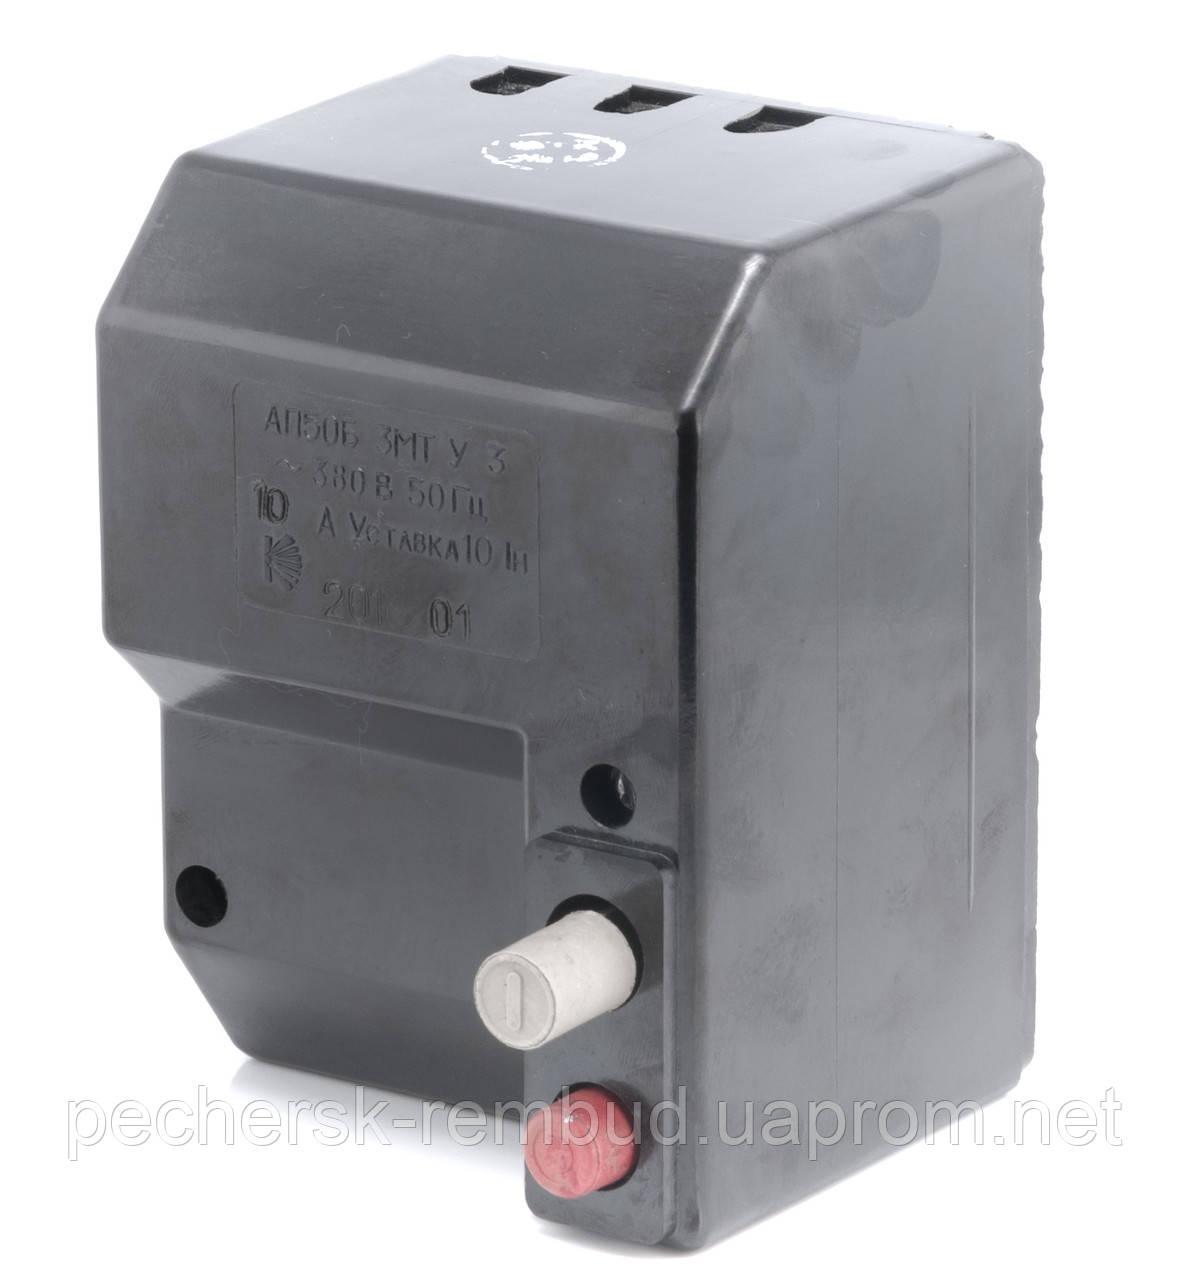 Автоматический выключатель . АП 50 3МТ 6.3А